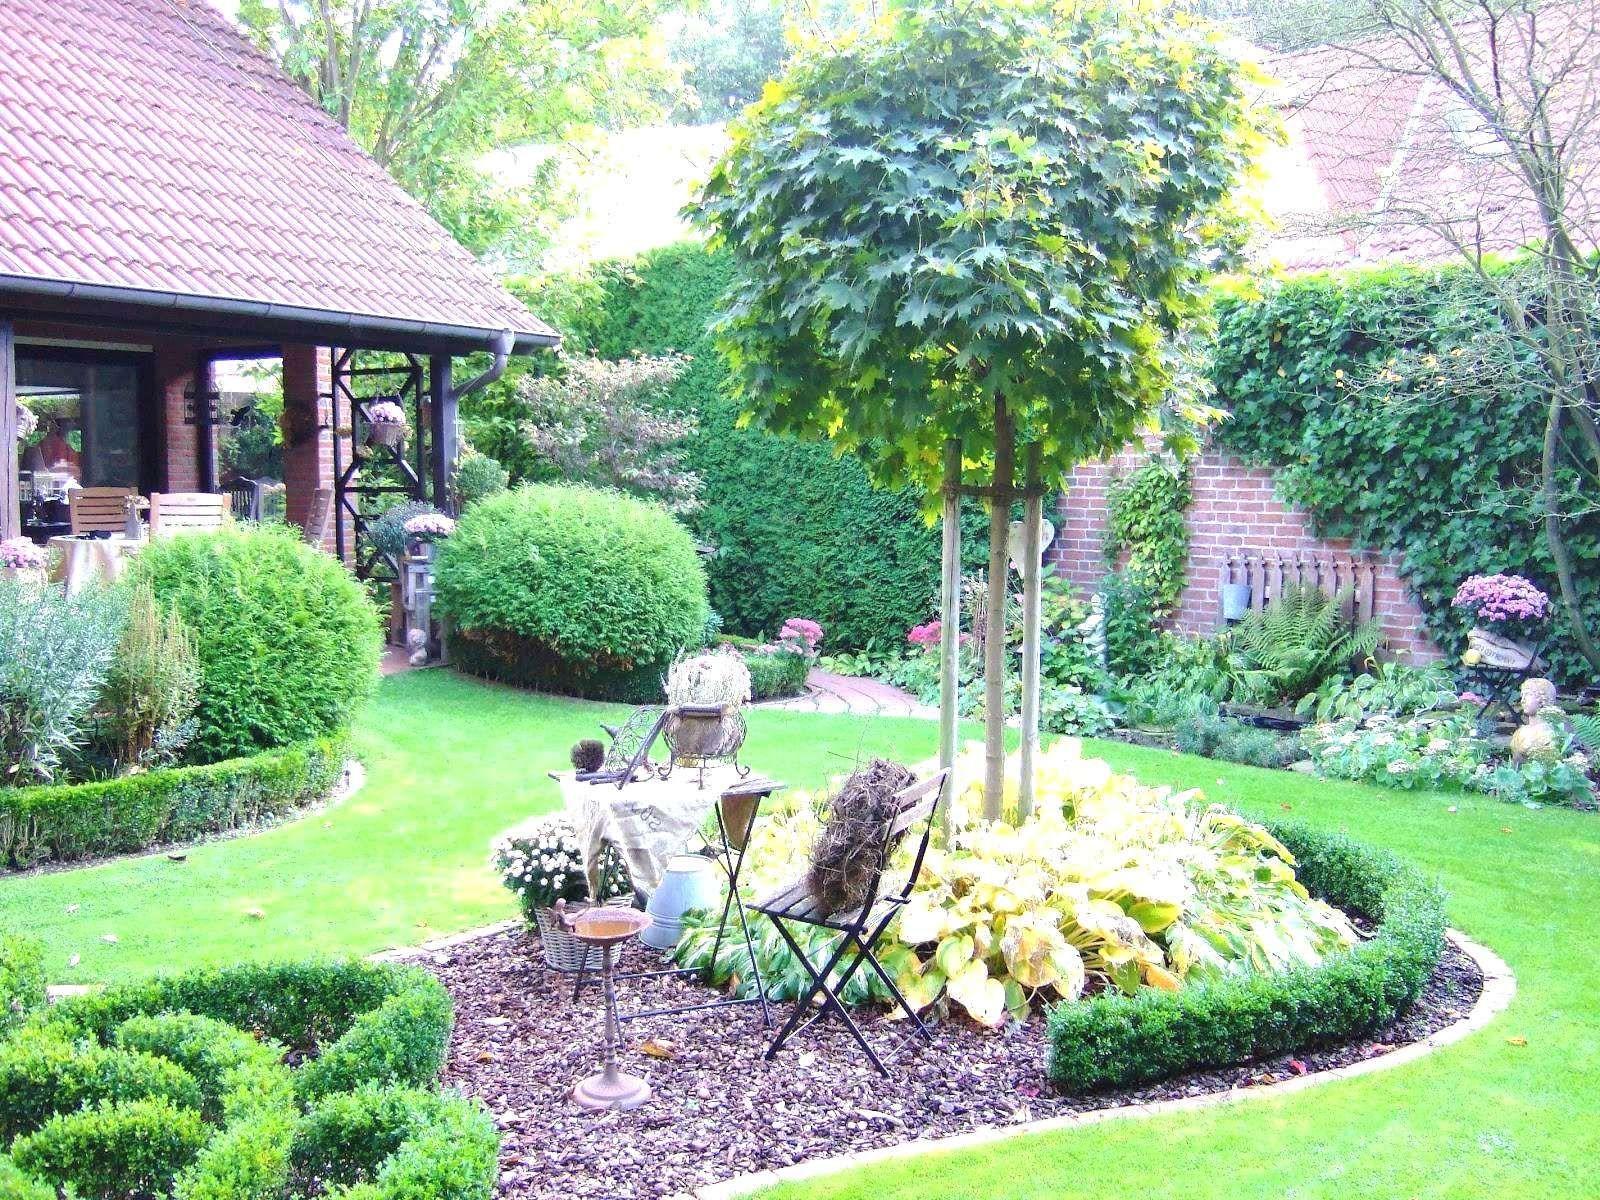 Gartengestaltung Ideen Vorgarten Neu Garten Ideas Garten Anlegen Inspirational Aussenleuchten